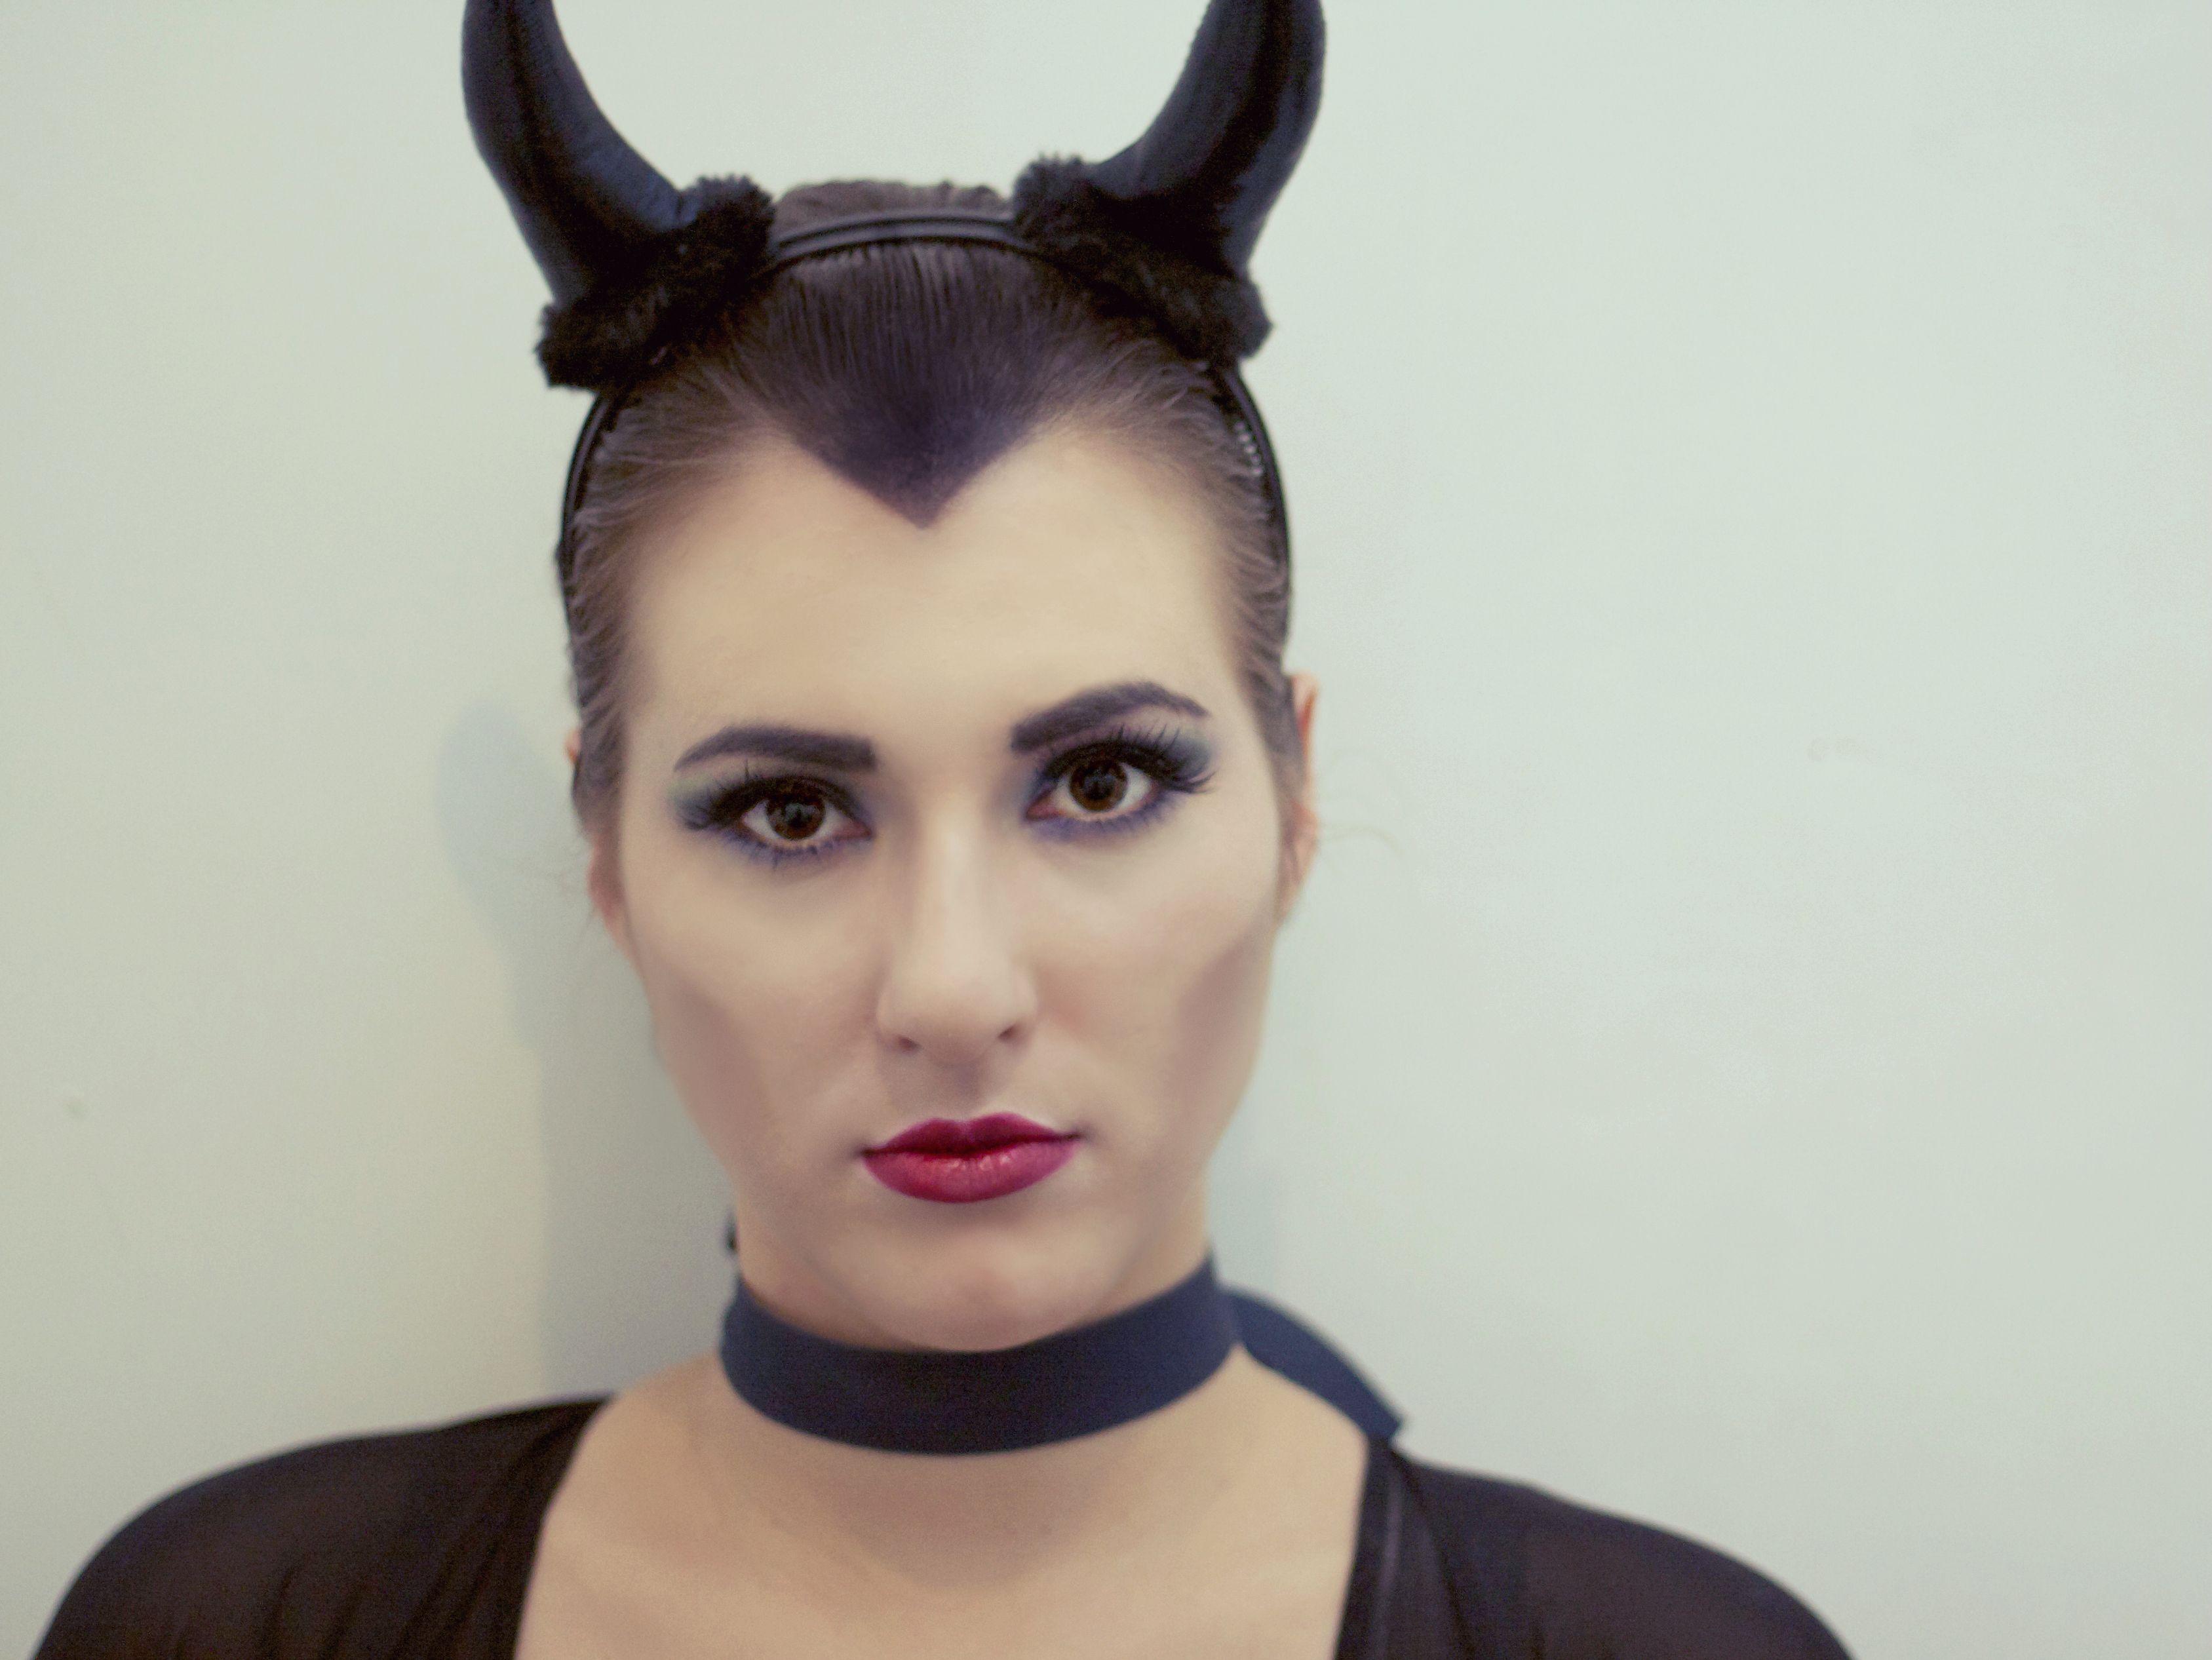 Maleficent for halloween. Mac Makeup Mac makeup, Makeup